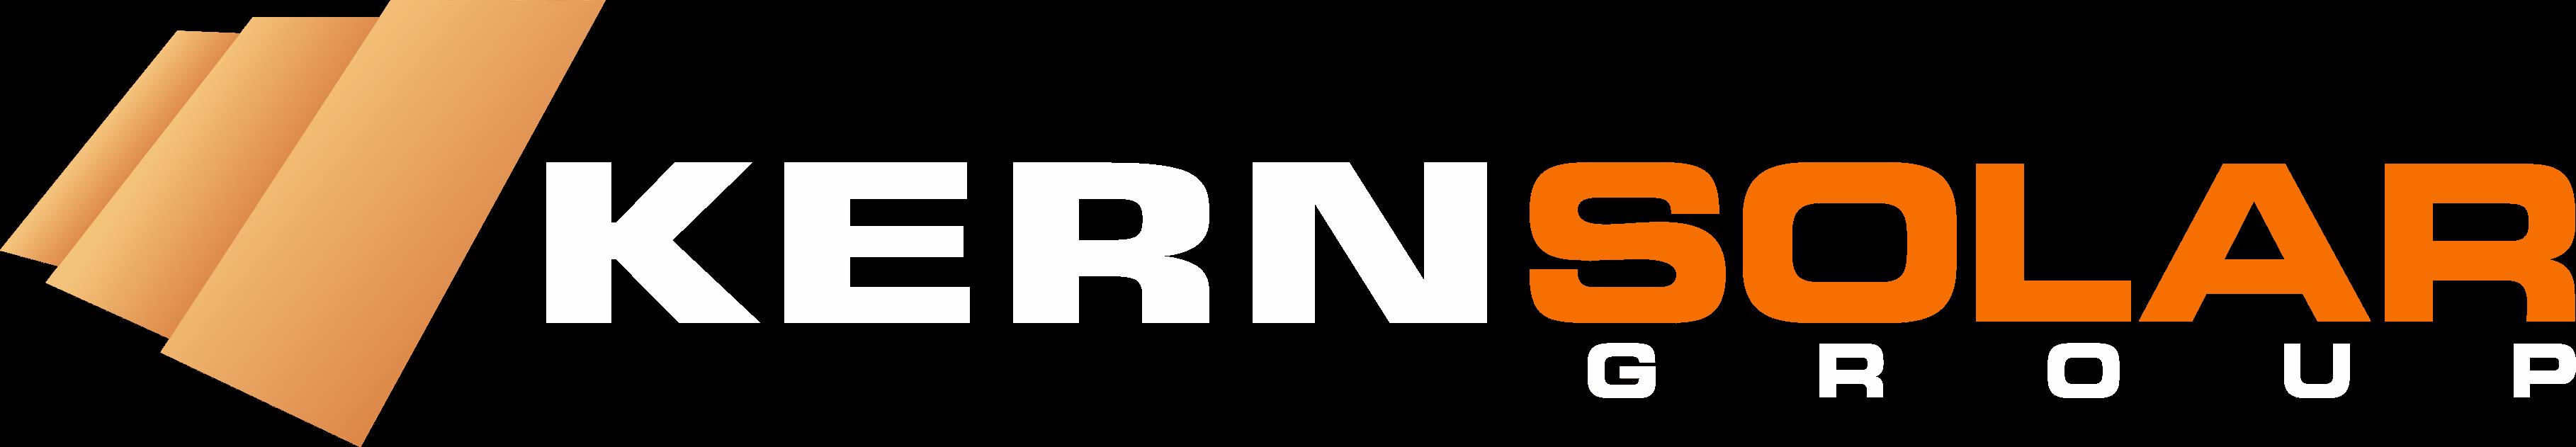 logokernw